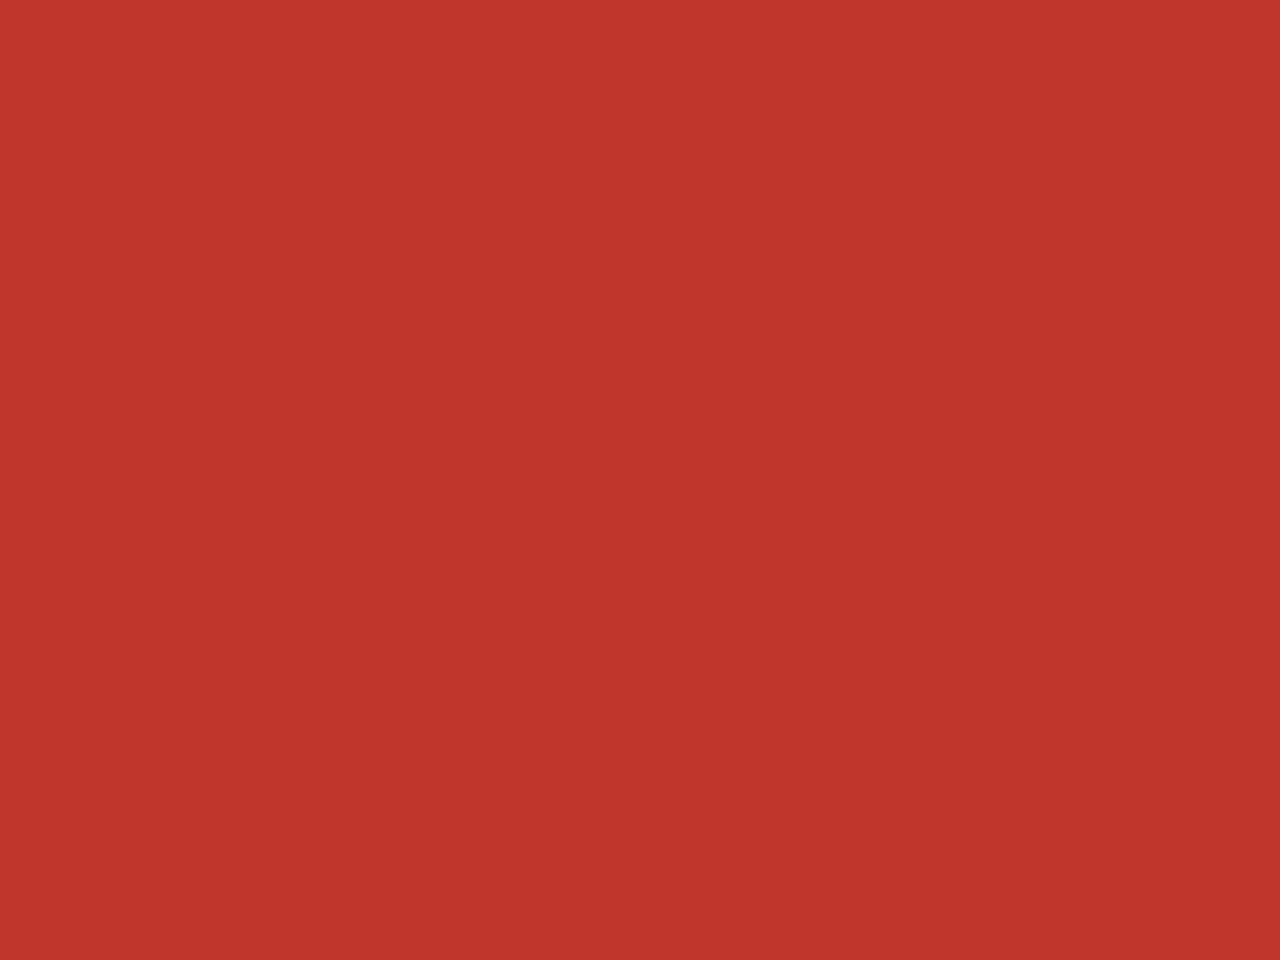 1280x960 International Orange Golden Gate Bridge Solid Color Background